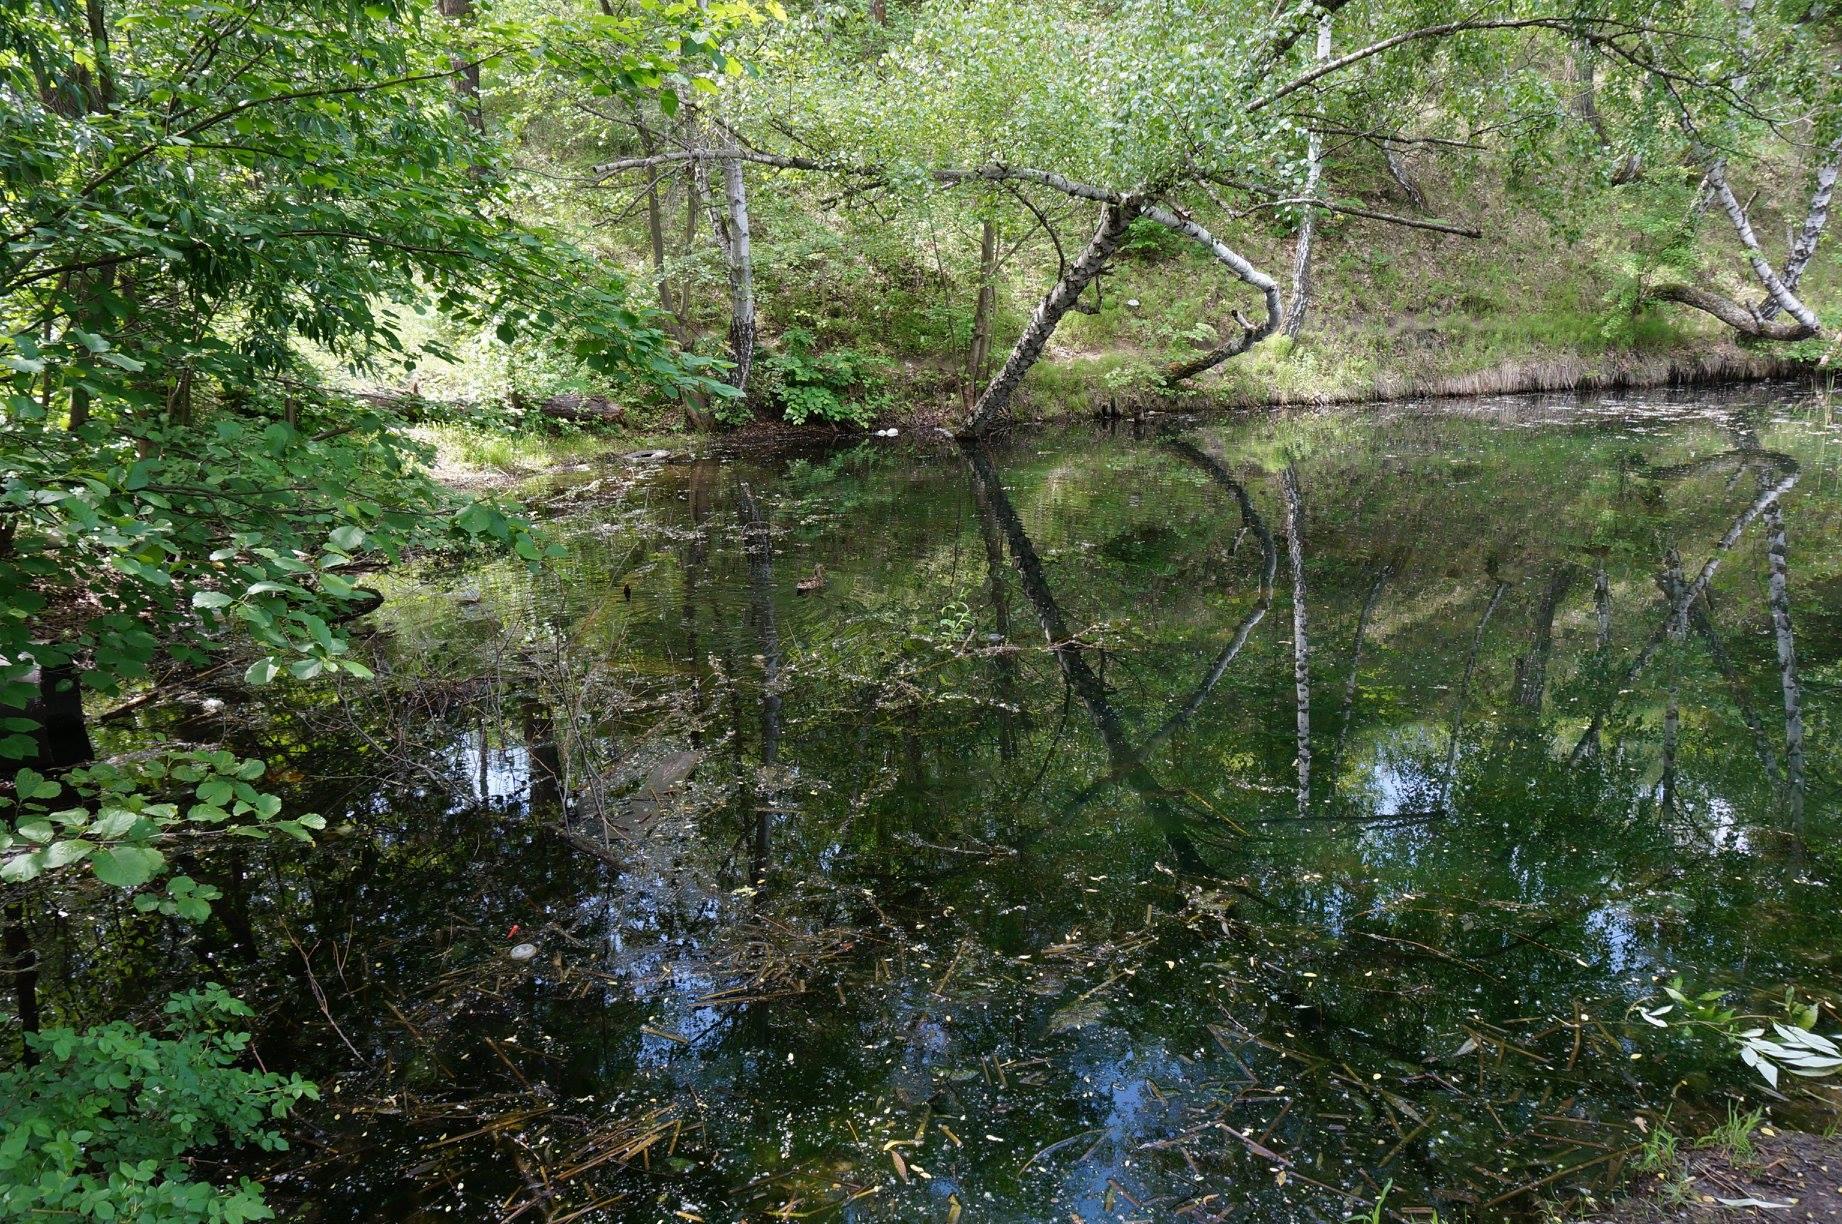 32679824_159596301557464_2677497365539061760_o Смертельне сміття: незаконні звалища знищують вишгородський ліс та річку Почайна